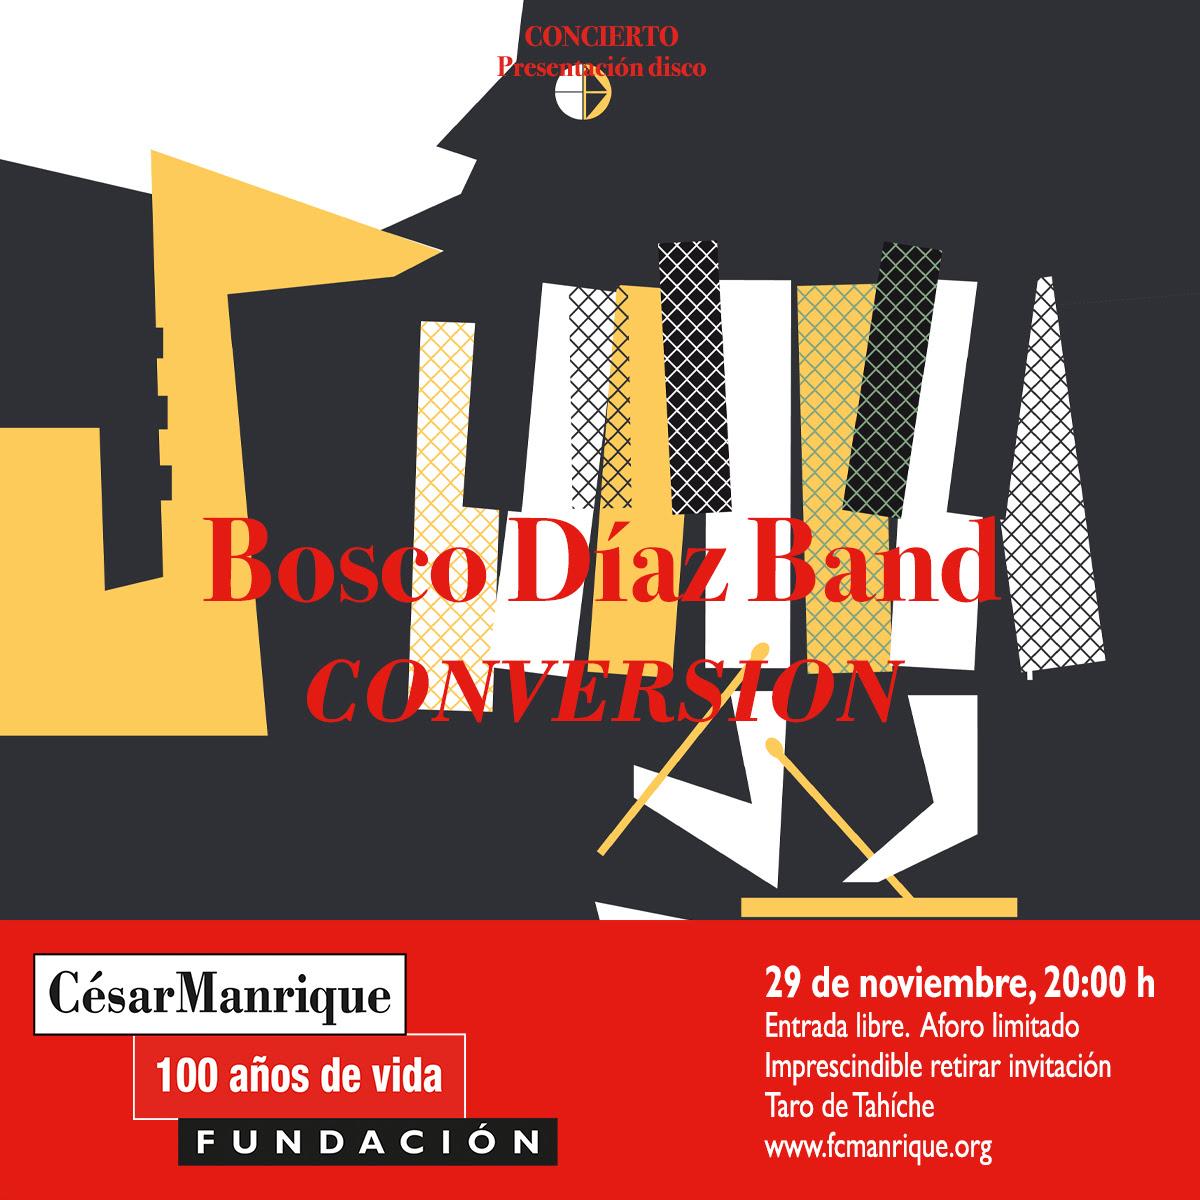 La FCM acoge la presentación del primer disco de Bosco Díaz Band, que incluye dos canciones de jazz instrumental dedicadas al artista con motivo de su centenario